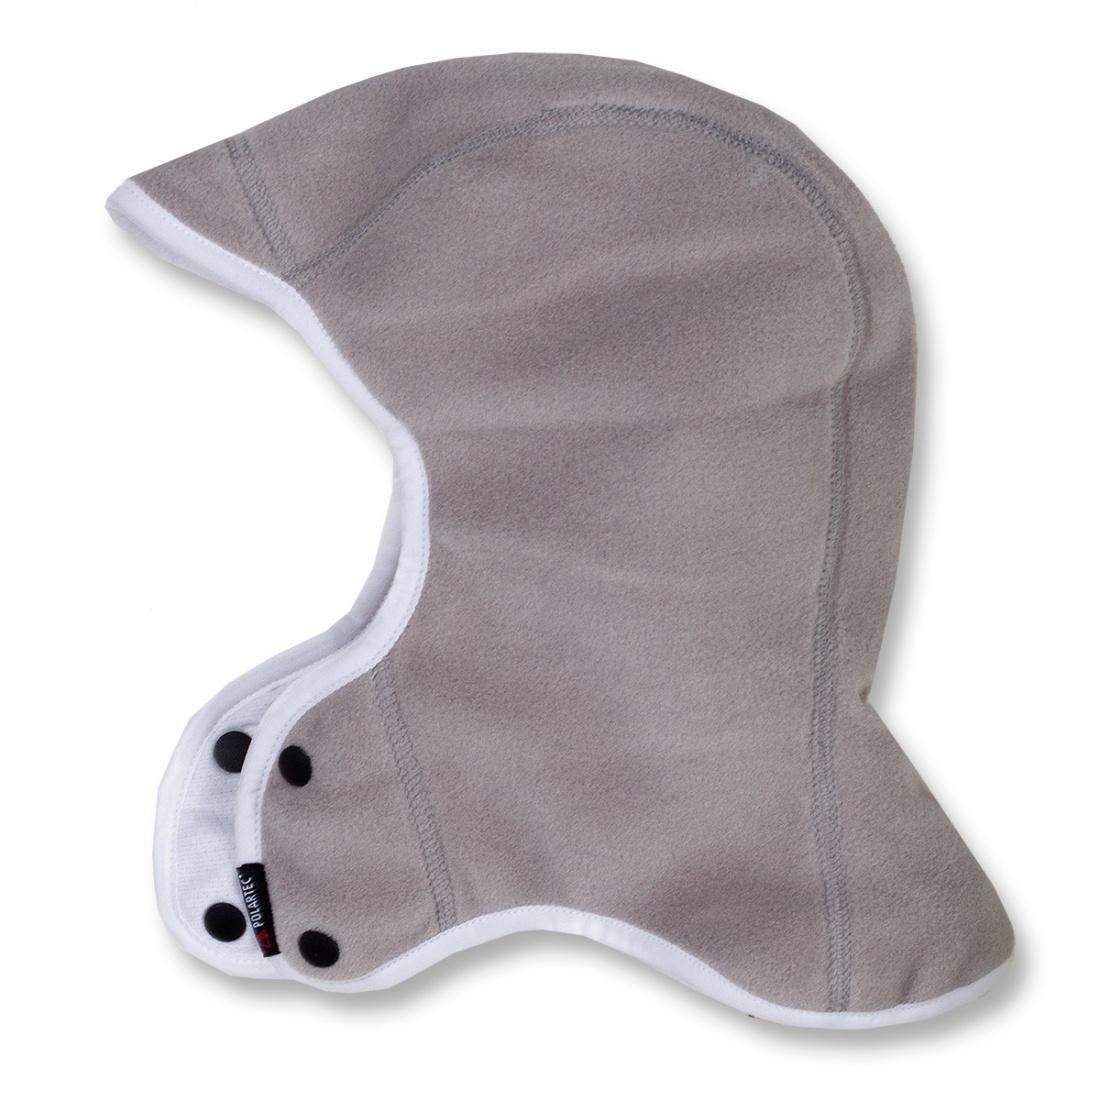 Шапка Cub II ДетскаяШапки<br><br> Легкая, удобная шапочка. Безупречно облегает голову ребенка, закрывая лоб и уши. Незаменима при ненастнойпогоде поздней осеньюлиботеплой зимой.<br><br><br> <br><br><br>Материал –Polartec® Classiс 200.<br> <br>Облегающи...<br><br>Цвет: Серый<br>Размер: XS